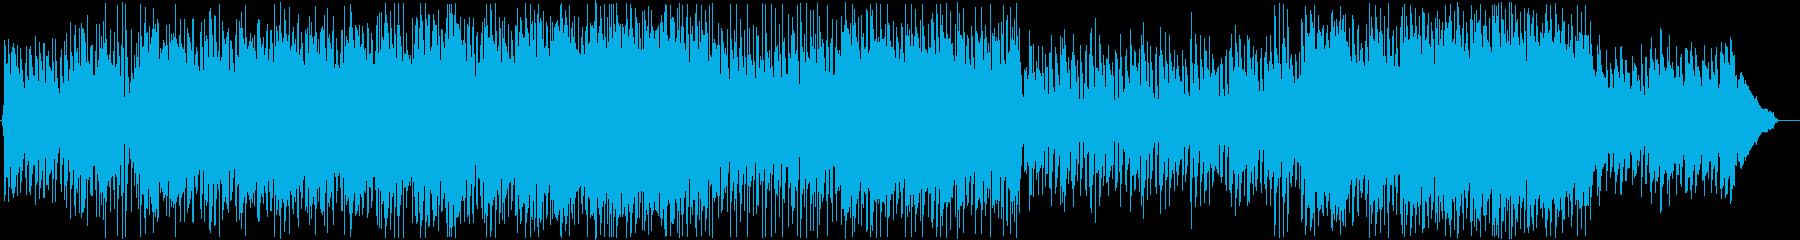 ノベルゲーム・明るくほのぼのした日常の再生済みの波形